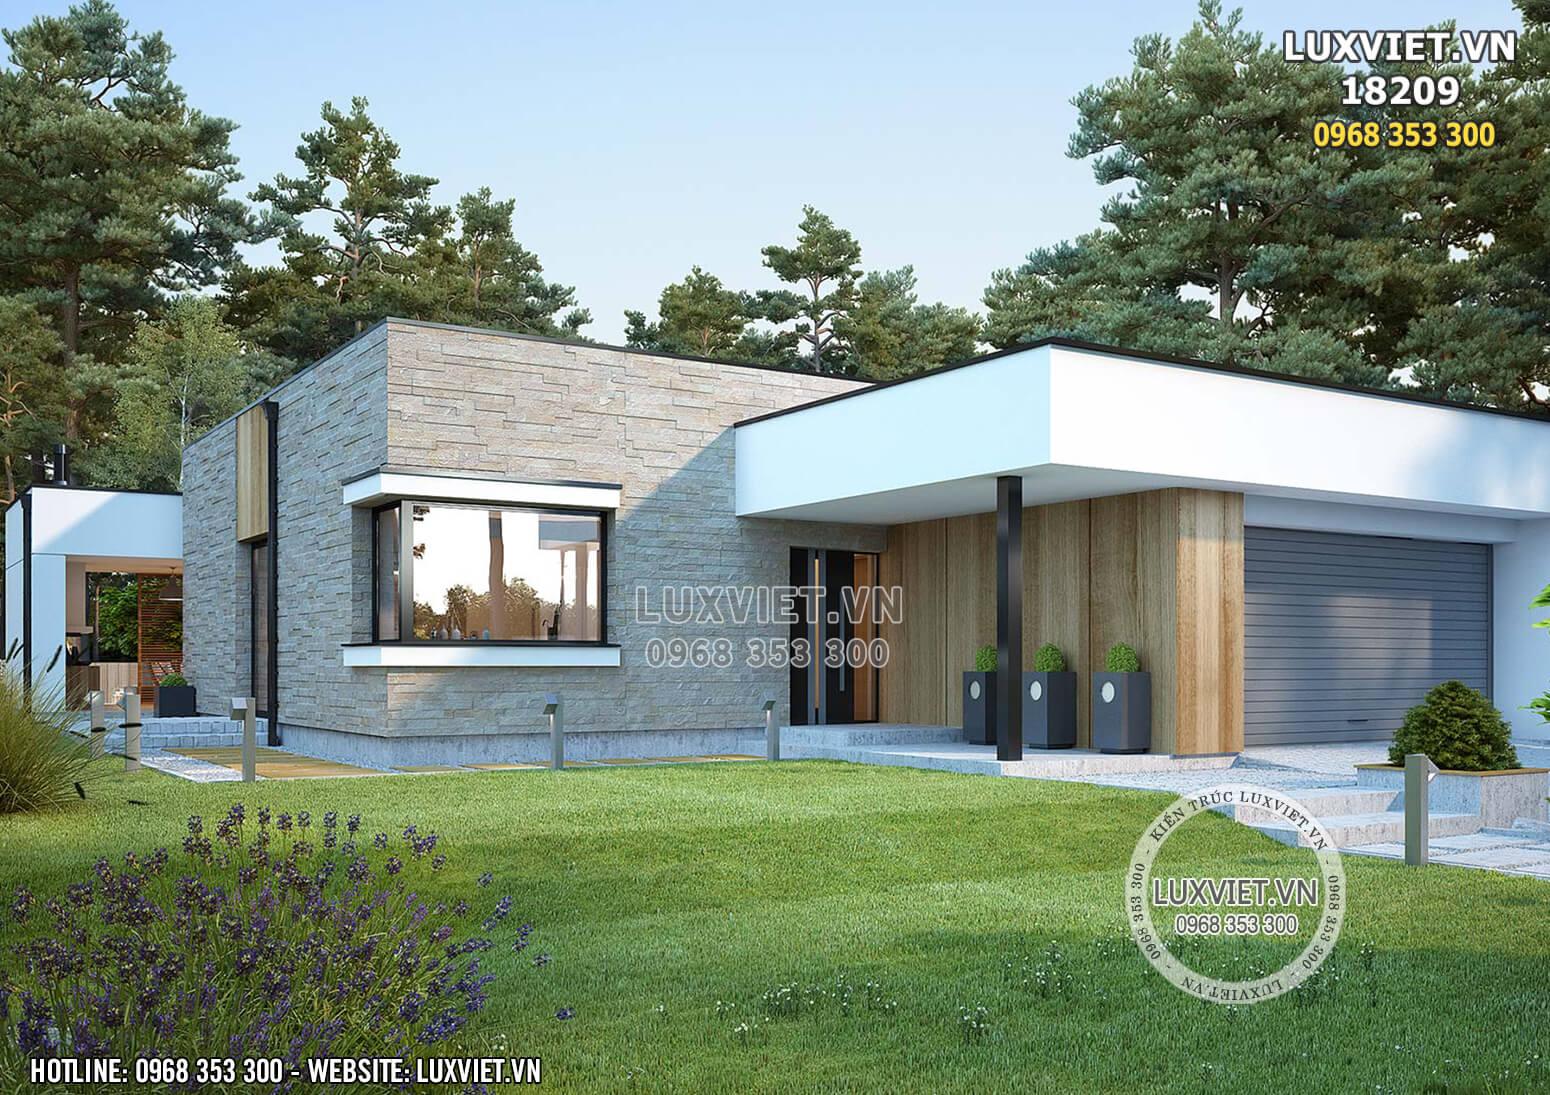 Hình ảnh: Không gian xanh được kết hợp hài hòa với mẫu nhà hiện đại 1 tầng